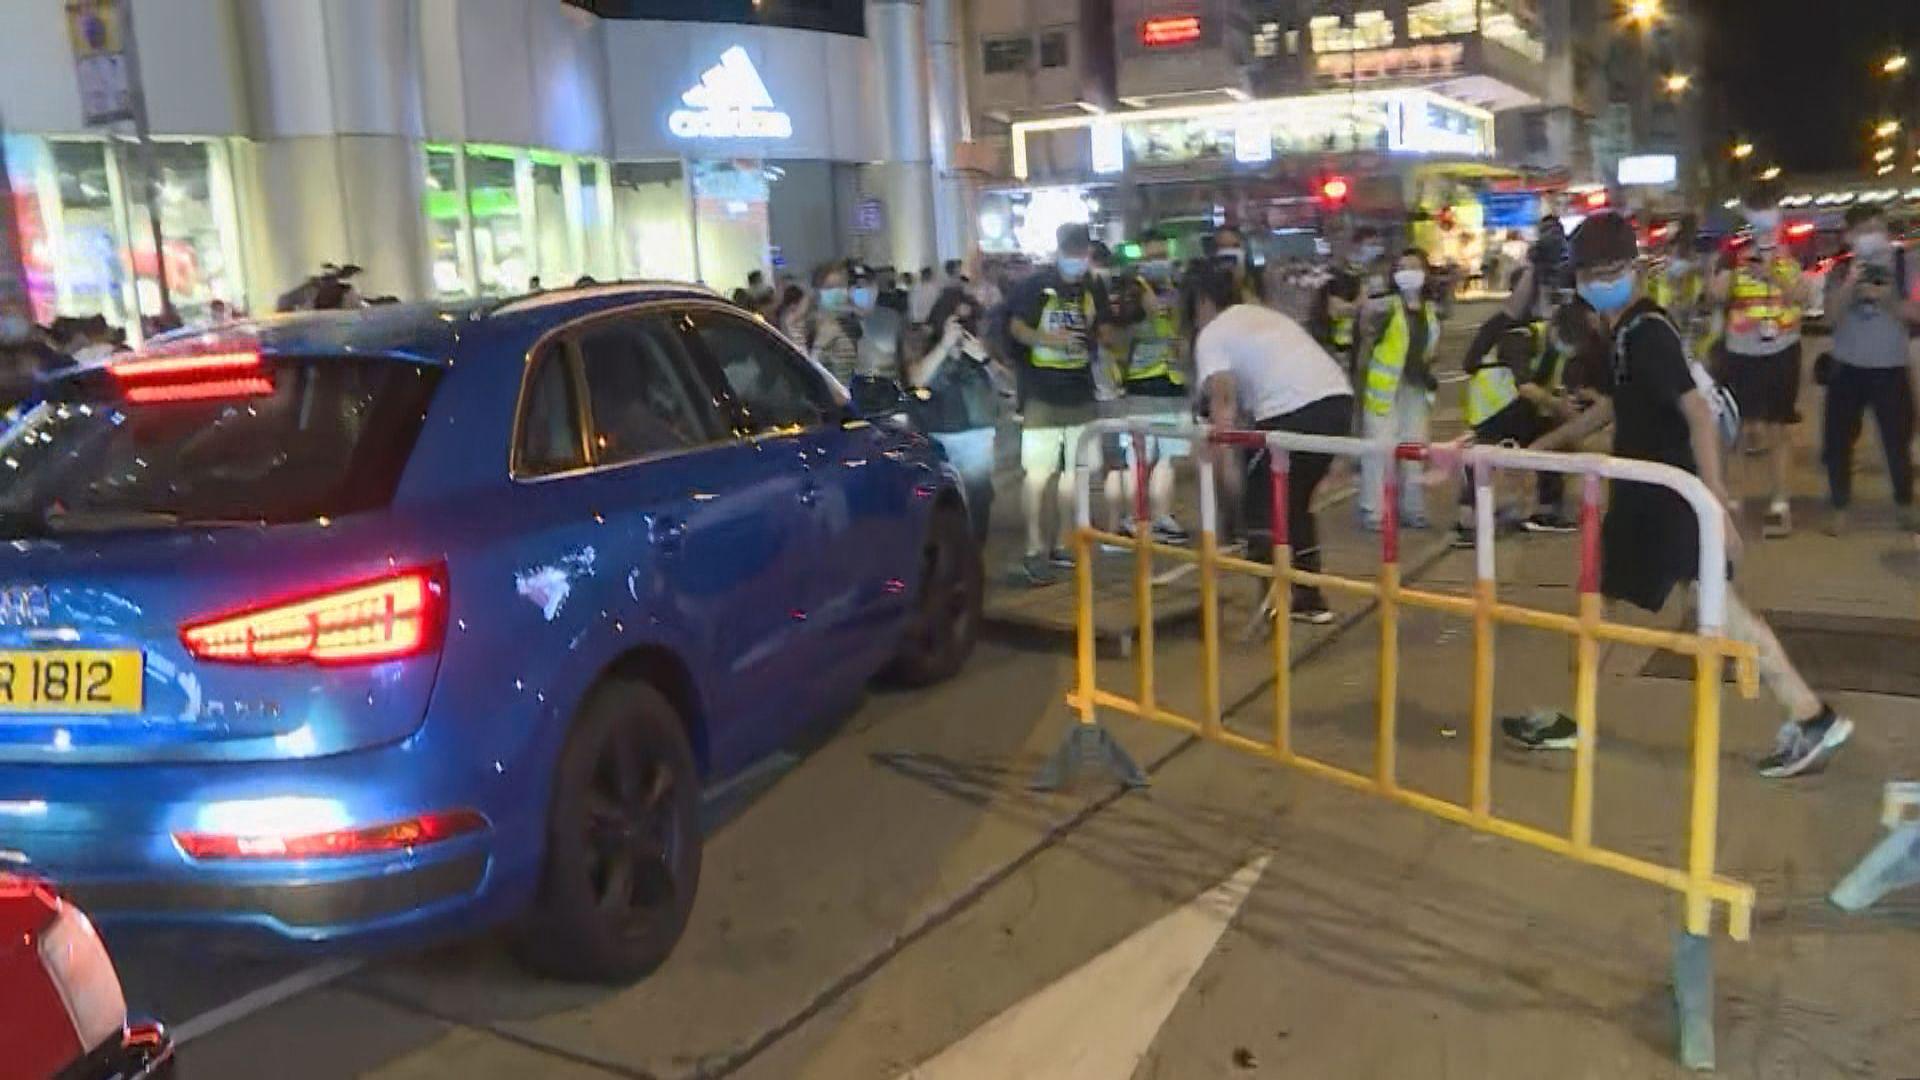 旺角有人堵路 警拘捕至少四人